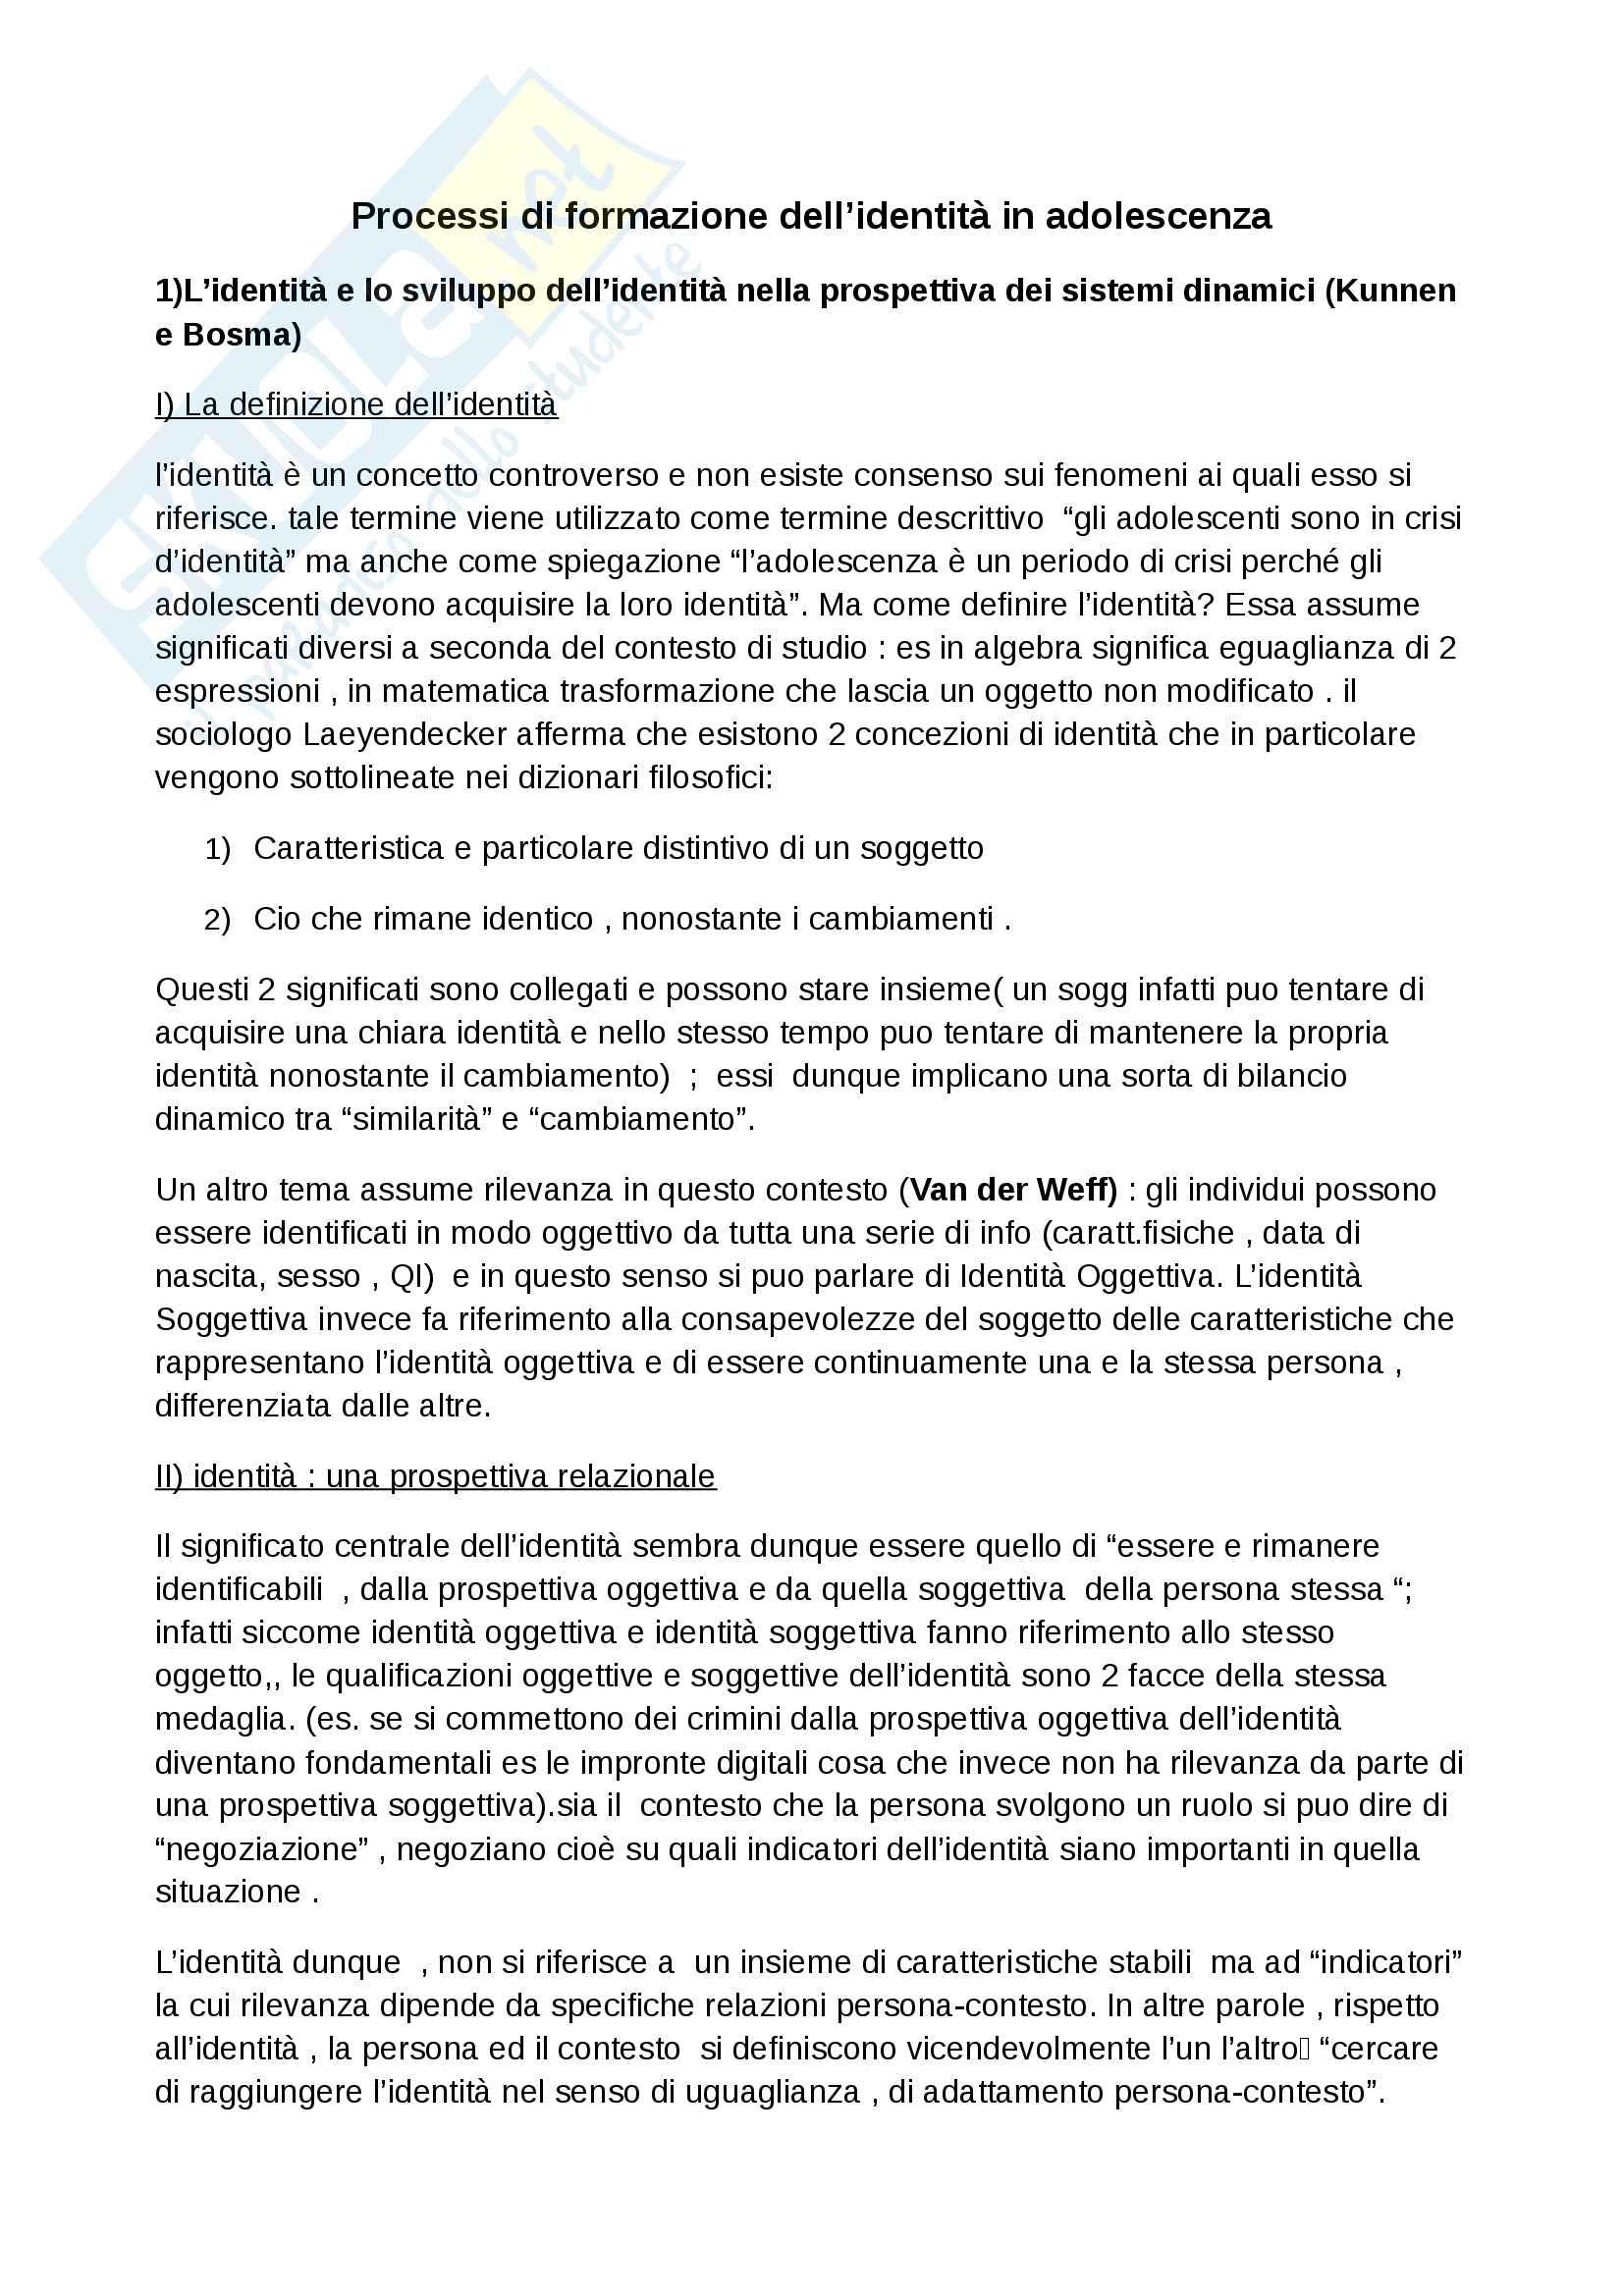 Riassunto esame Psicologia dello sviluppo III, prof. Sestito, libro consigliato: Processi di formazione dell identità in adolescenza